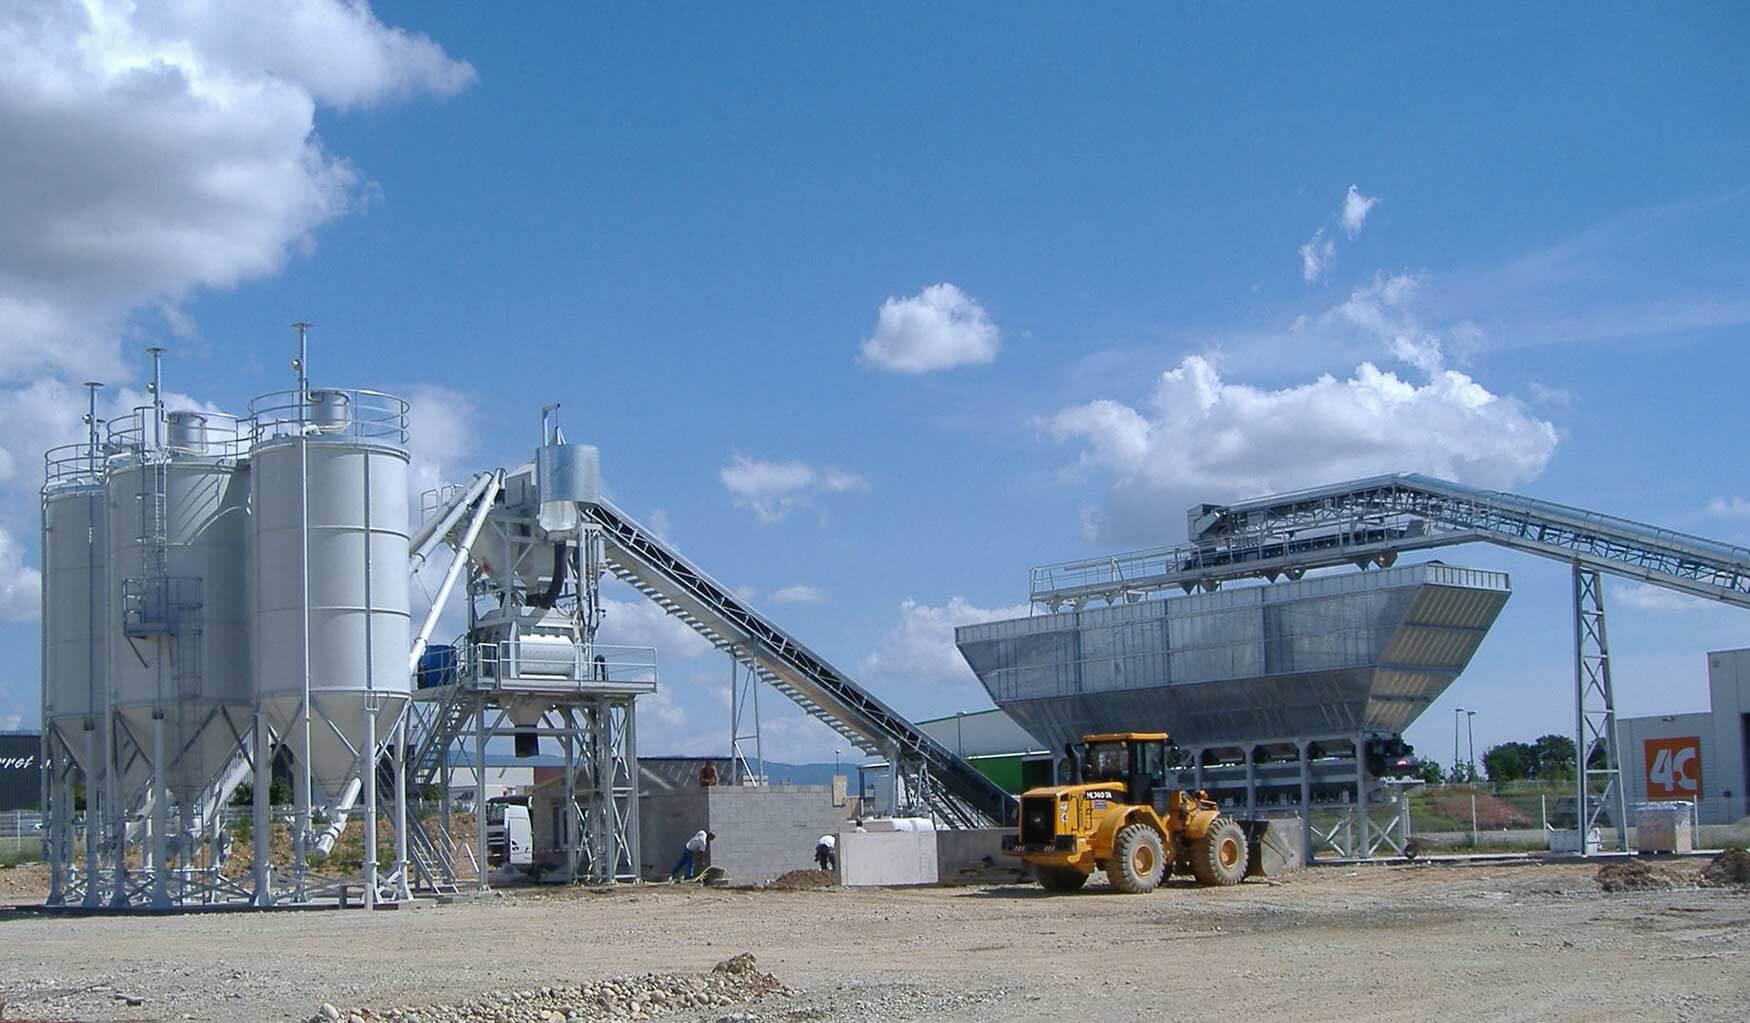 Бетон купить егорьевск фабрика бетона спб